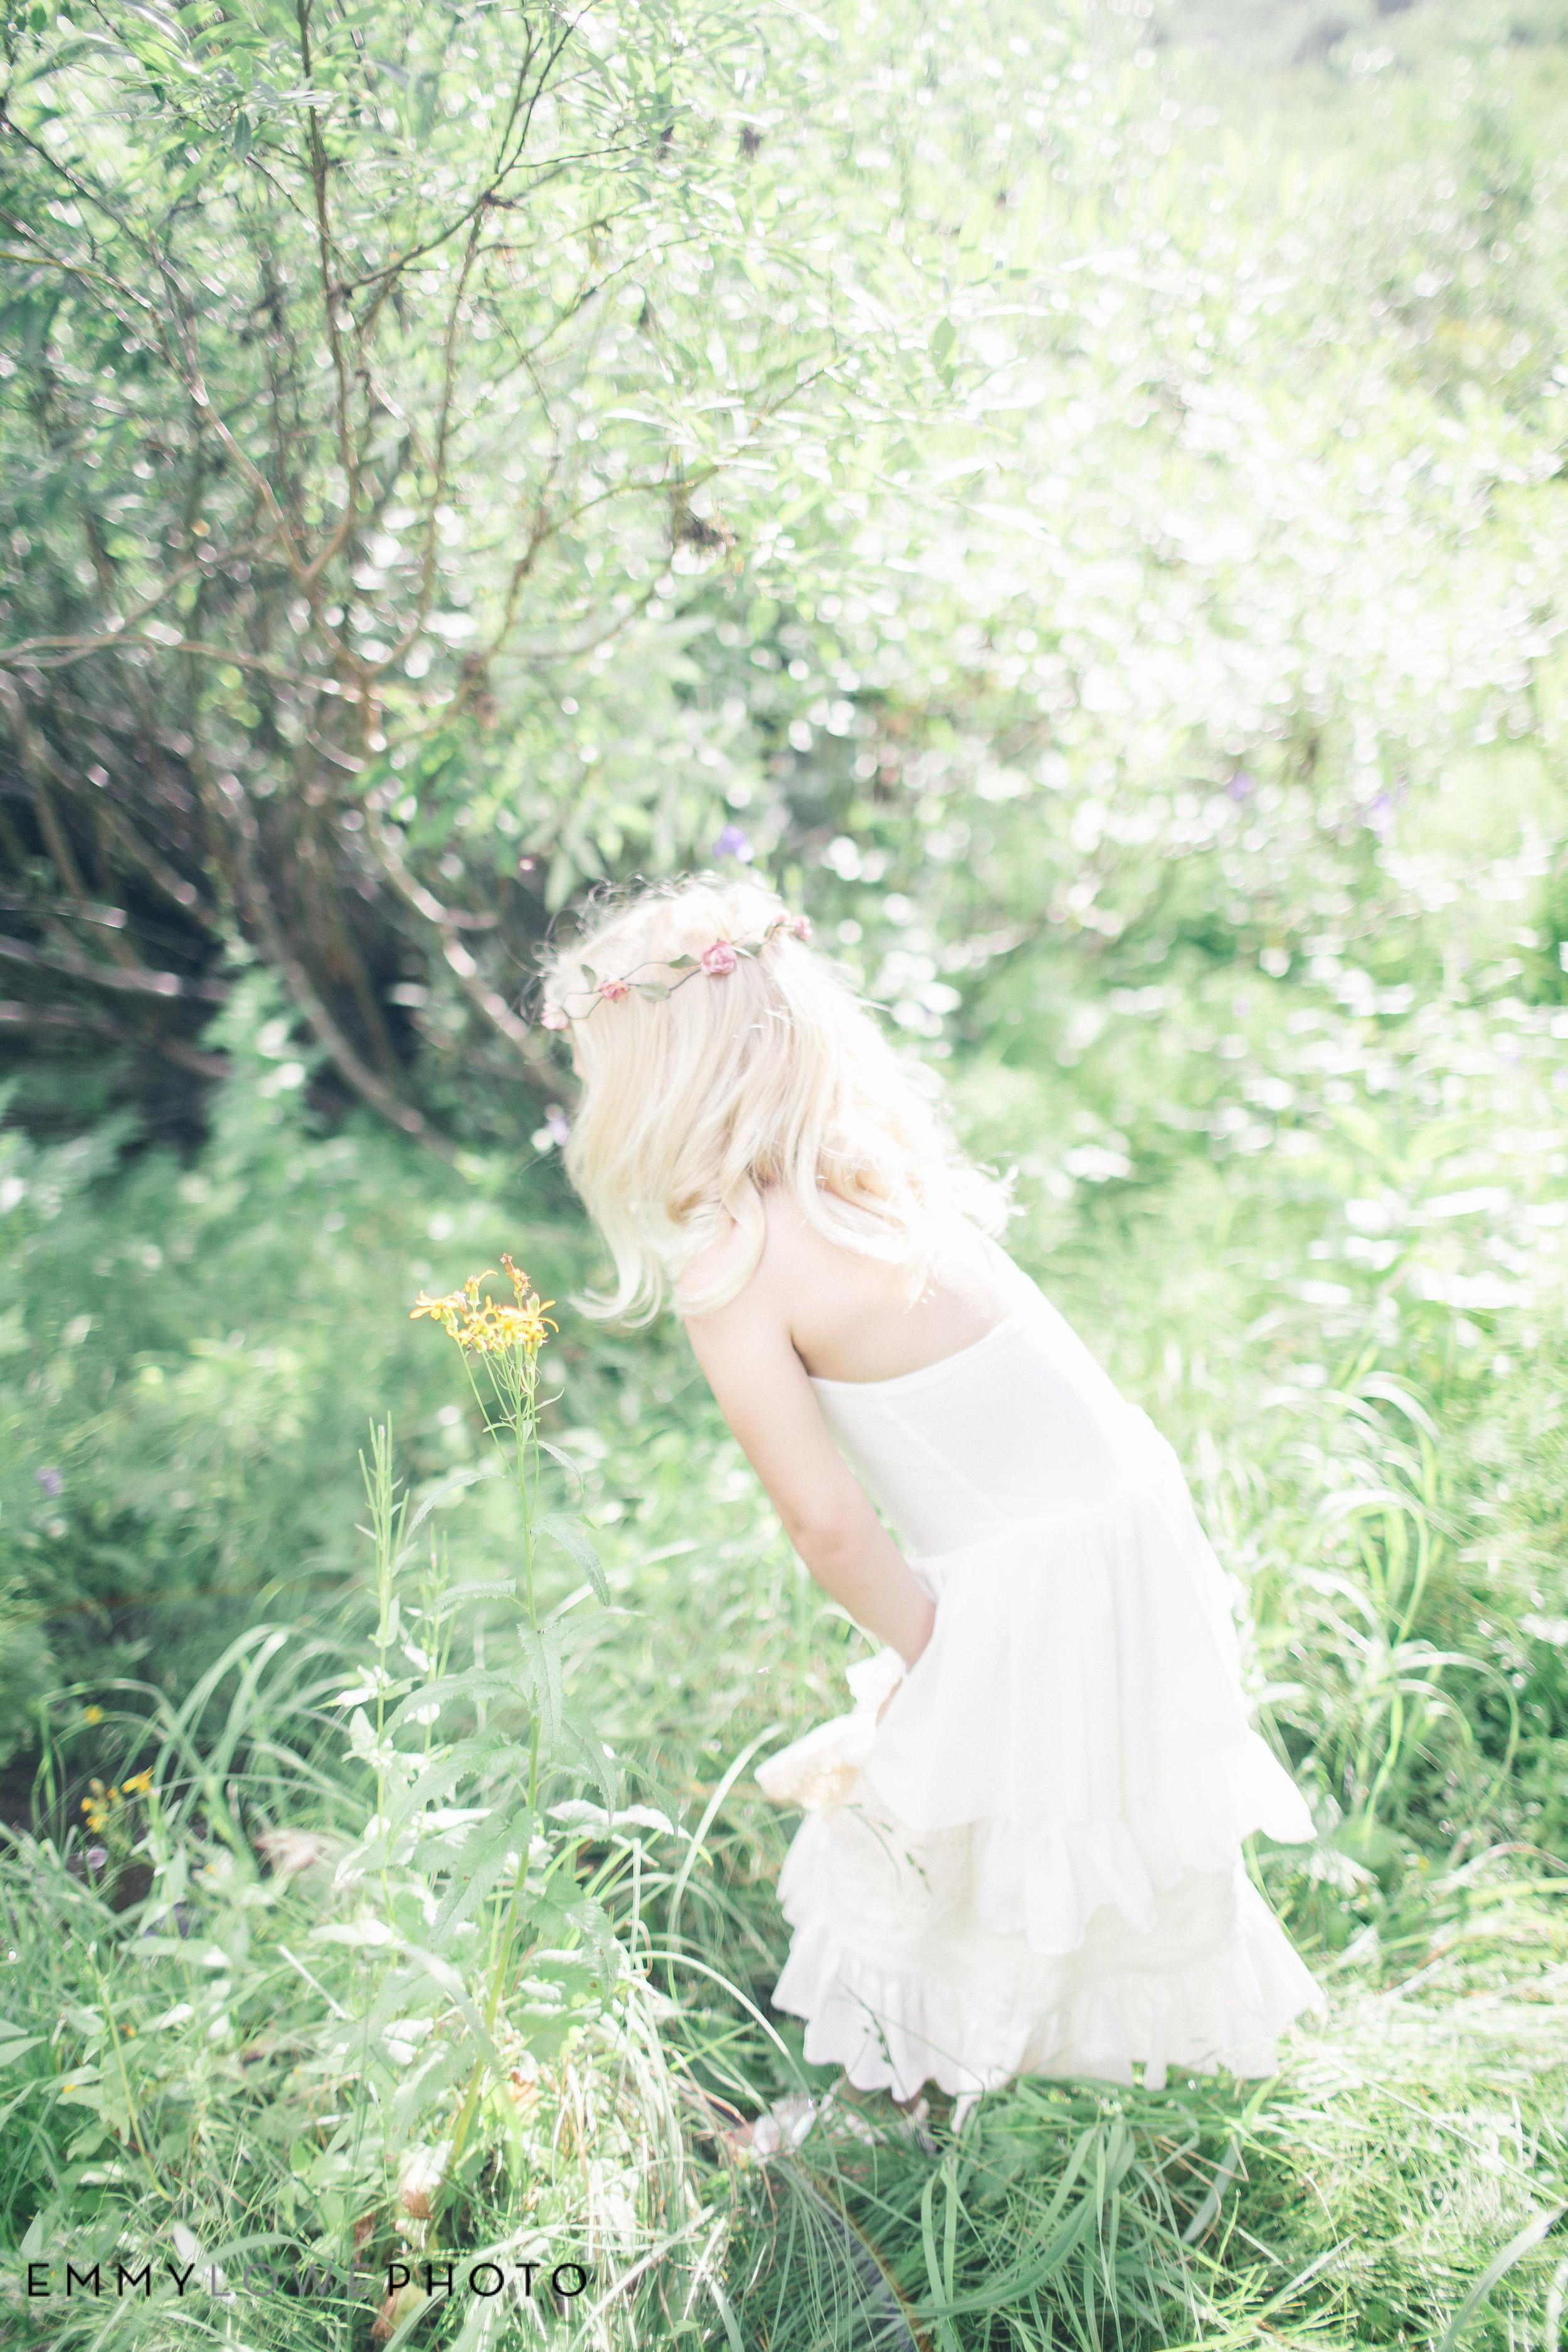 EmmyLowePhotoBentley-25.jpg